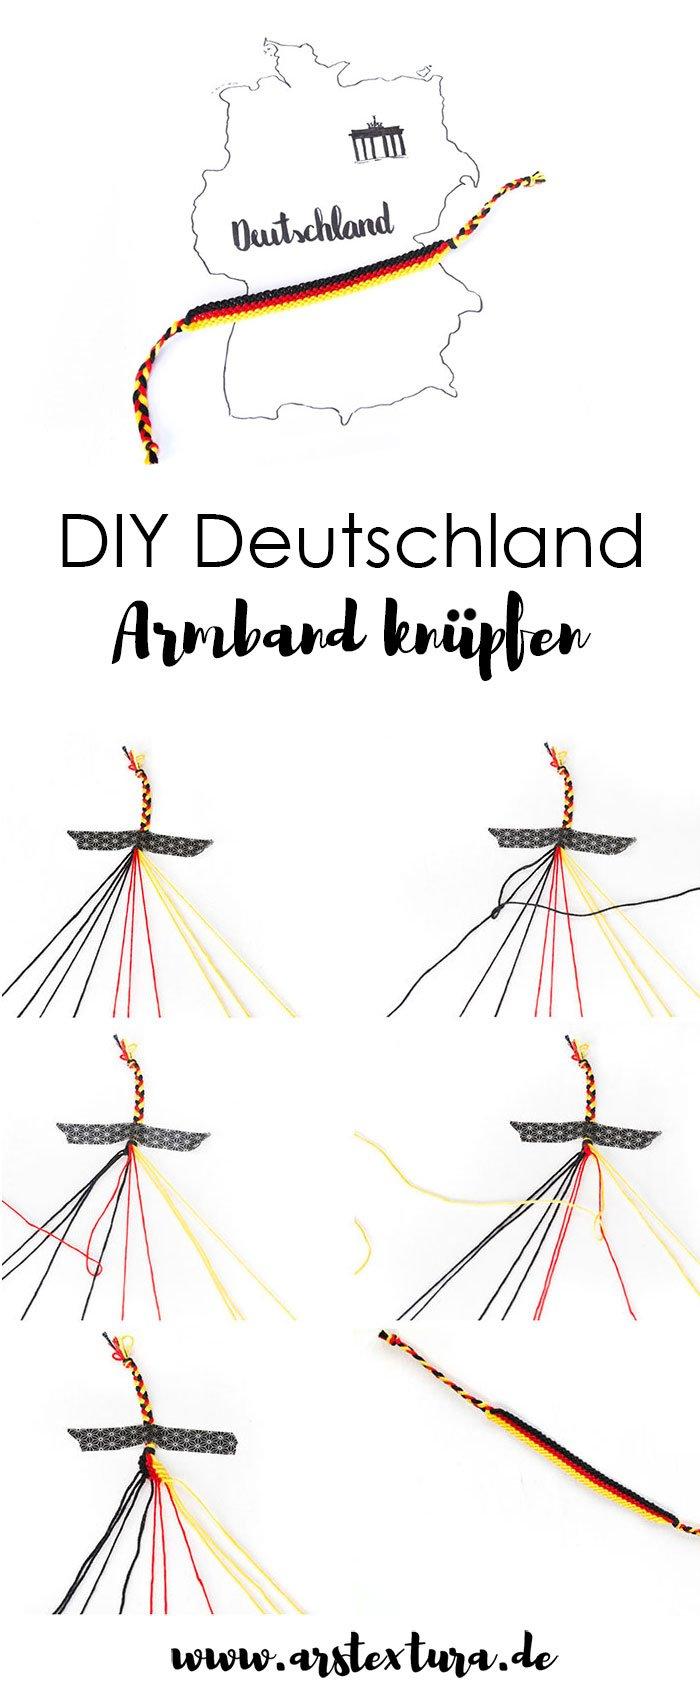 DIY Deutschland Armband für die WM knüpfen - das perfekte Accessoire für die WM Party | ars textura - DIY Blog